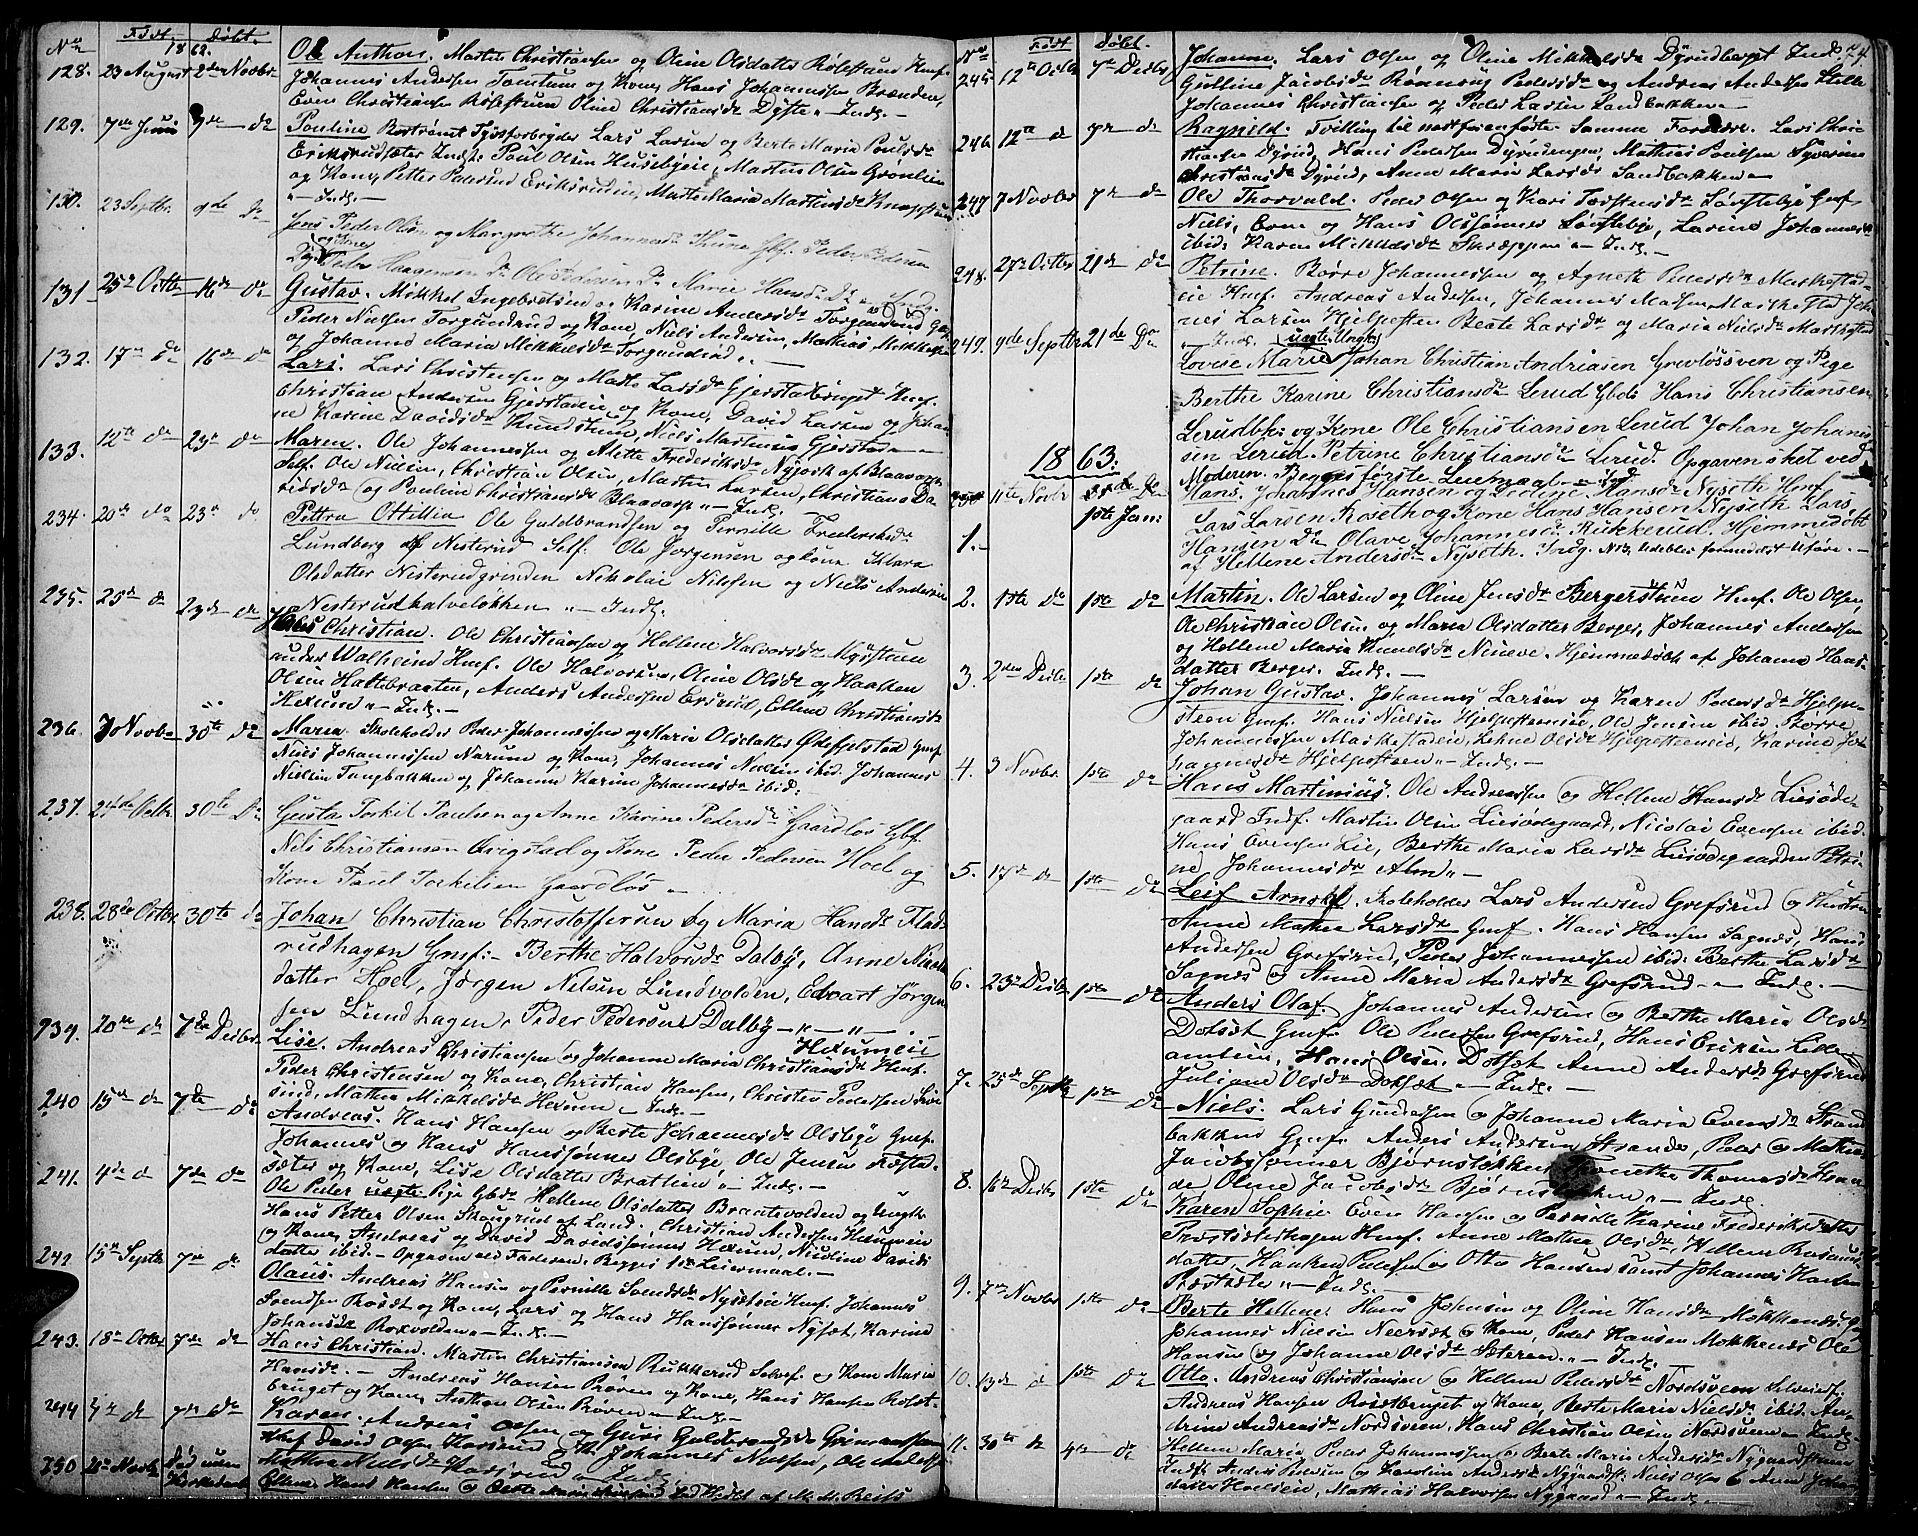 SAH, Vestre Toten prestekontor, Klokkerbok nr. 5, 1854-1870, s. 74